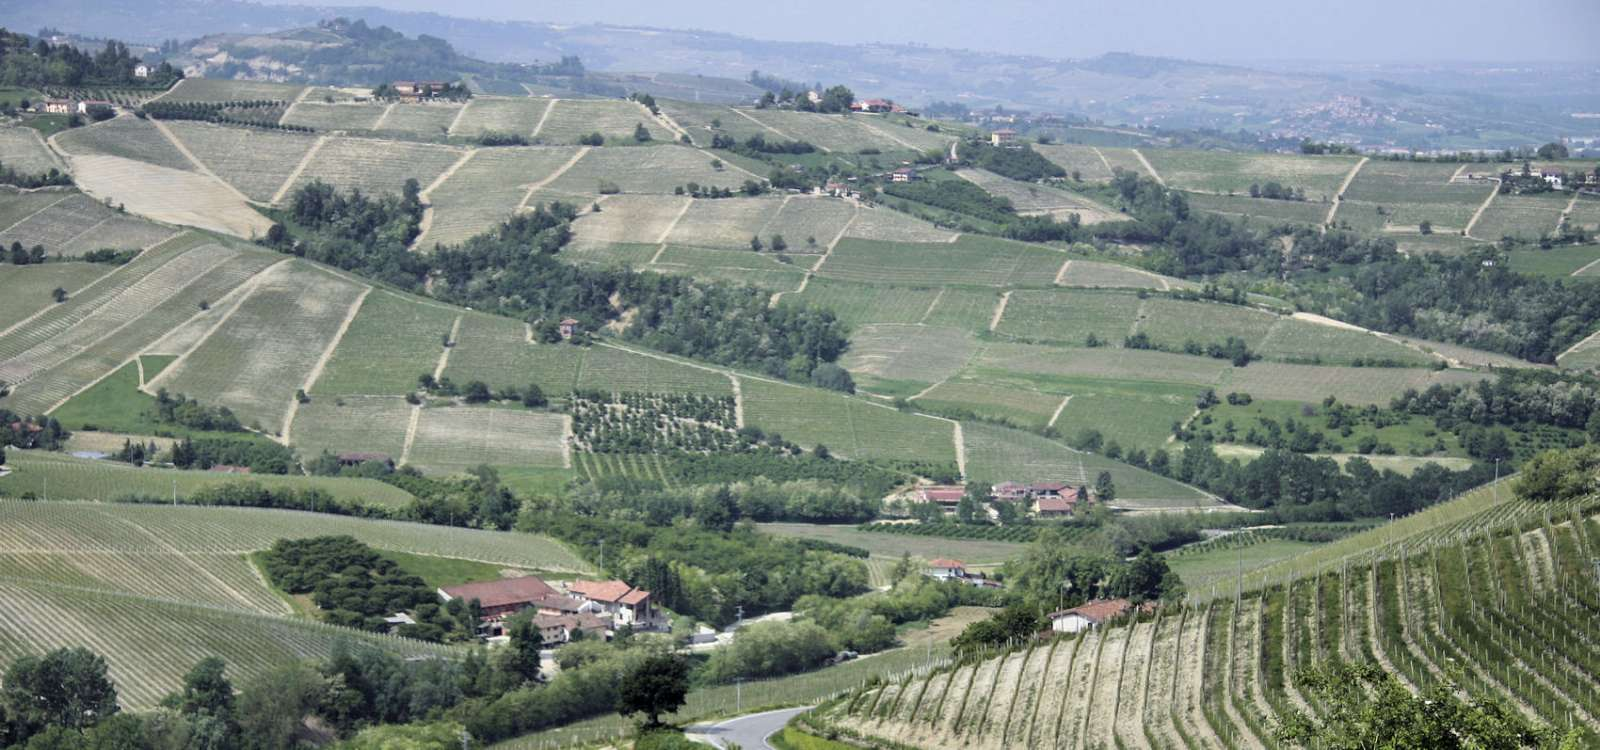 Ausblick von der Stadt über die Landschaft